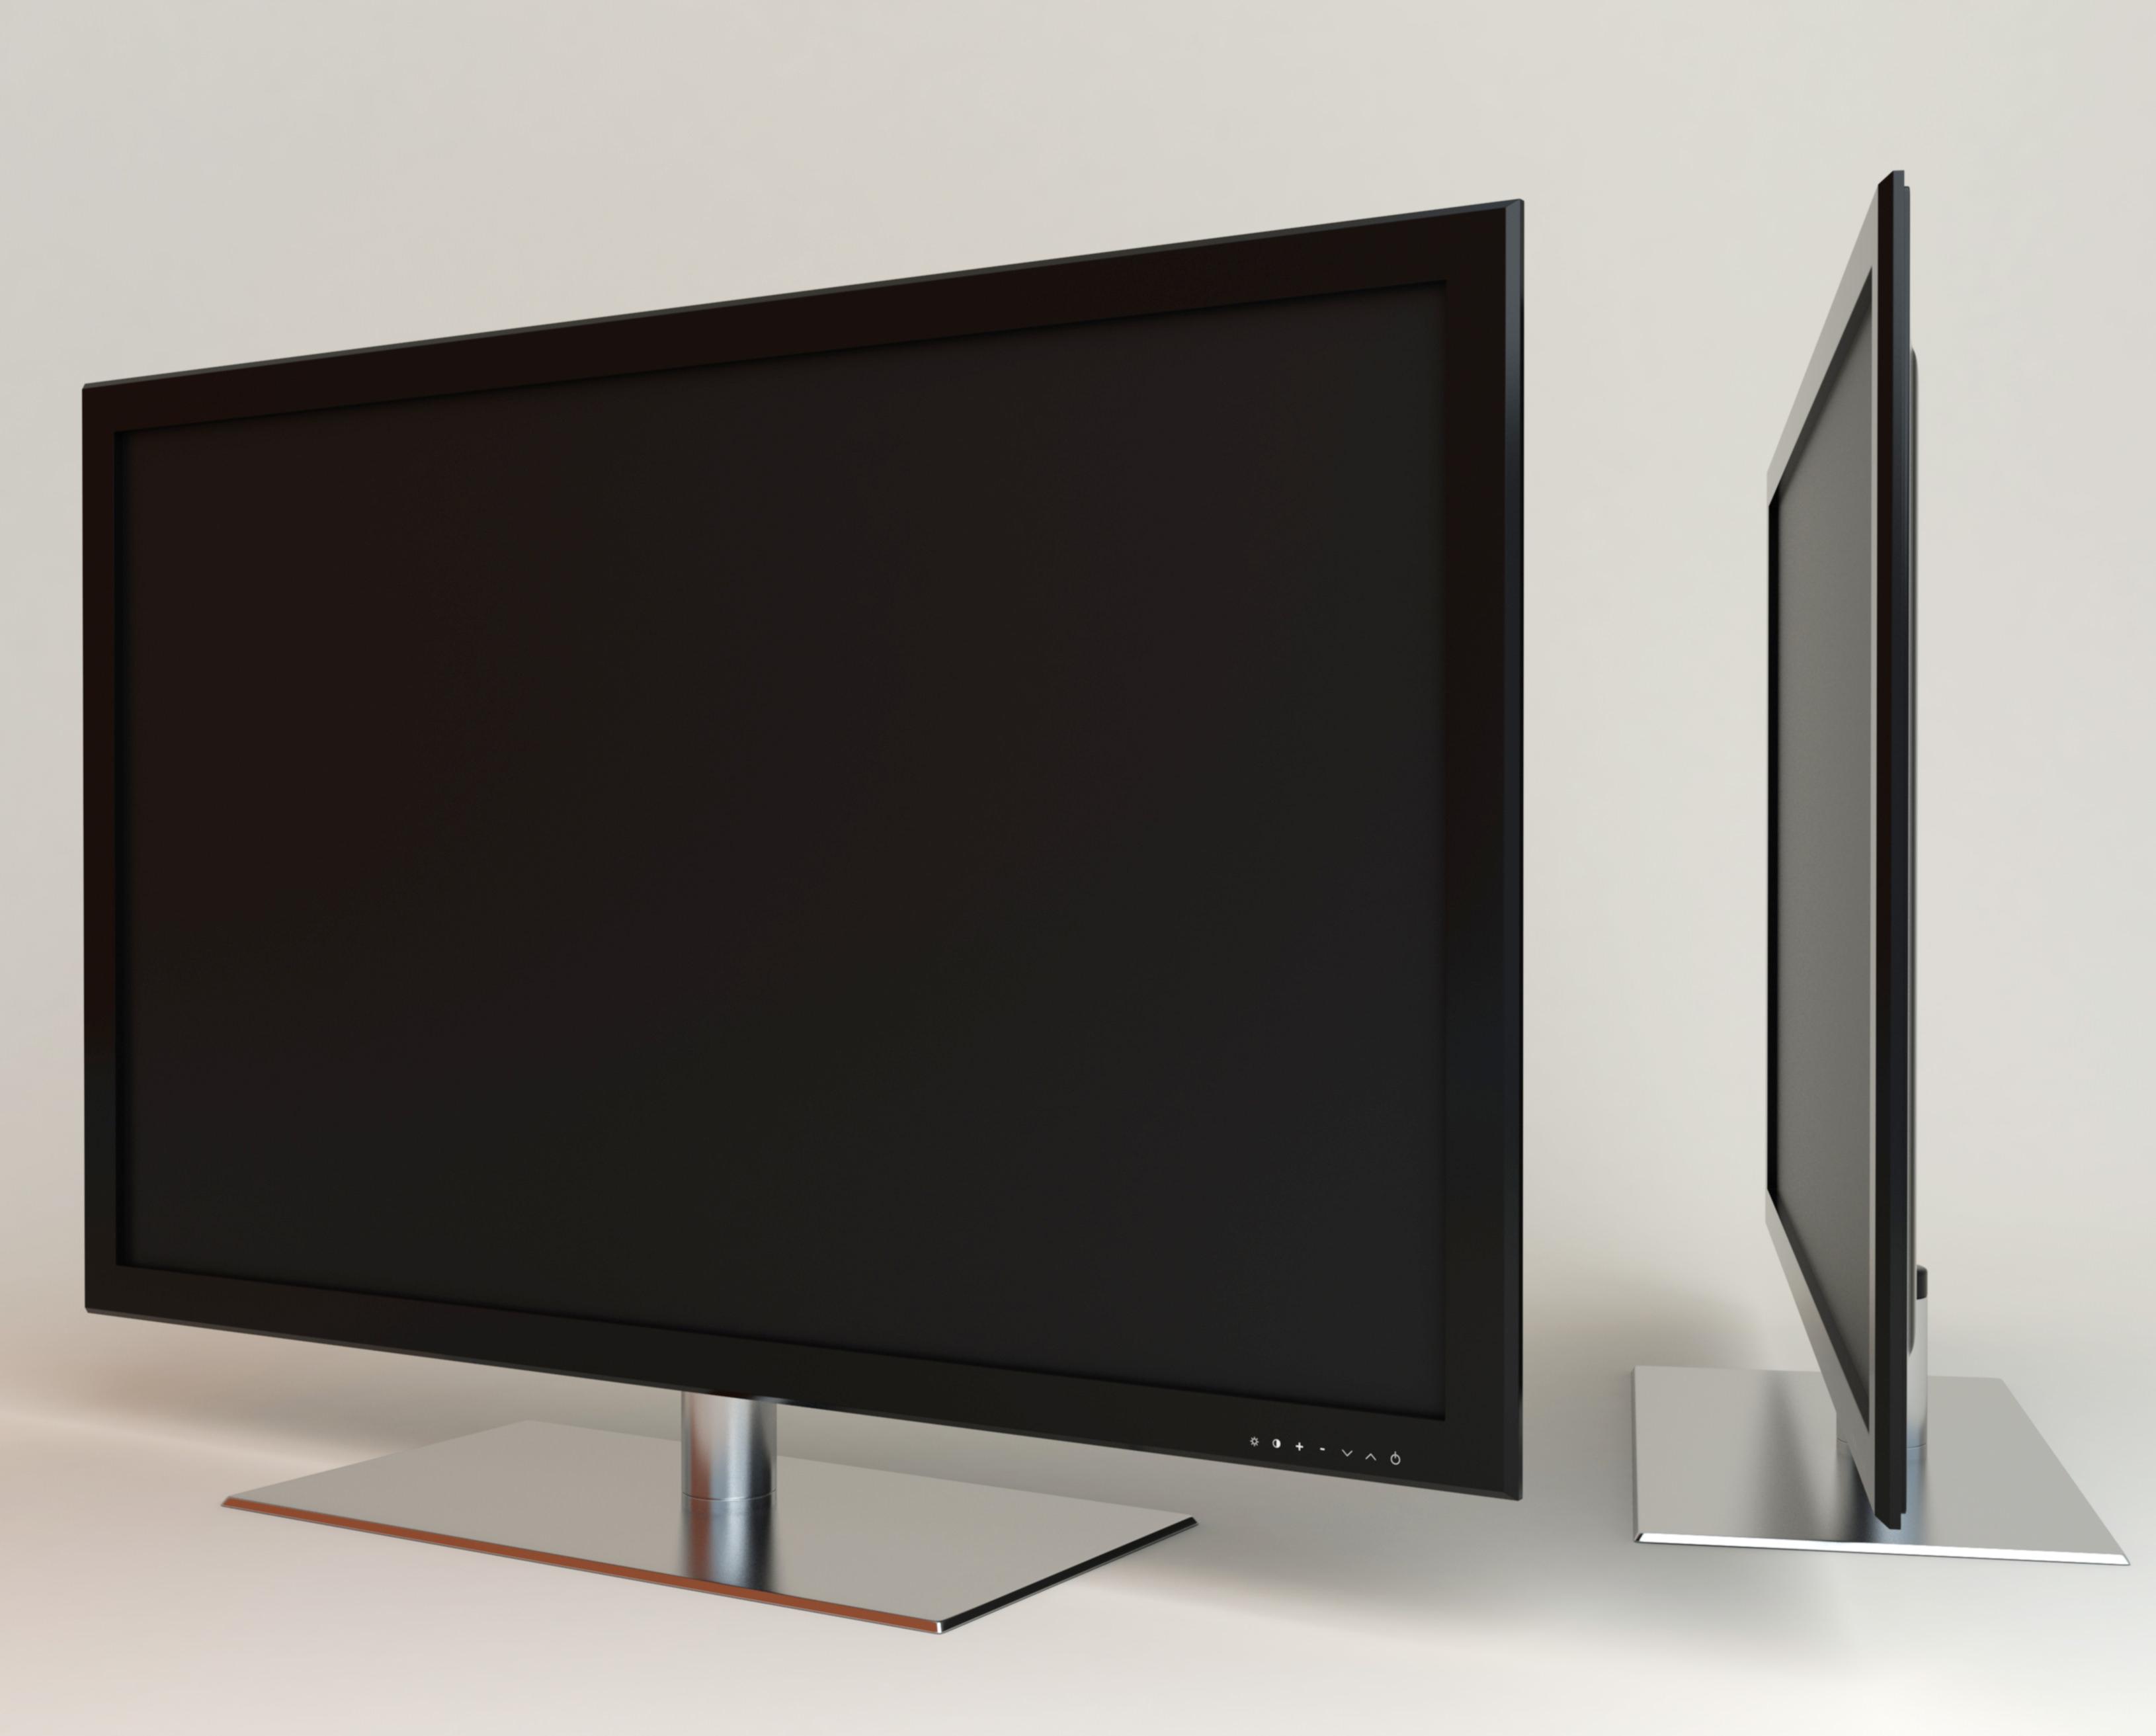 samsung tv model. Black Bedroom Furniture Sets. Home Design Ideas